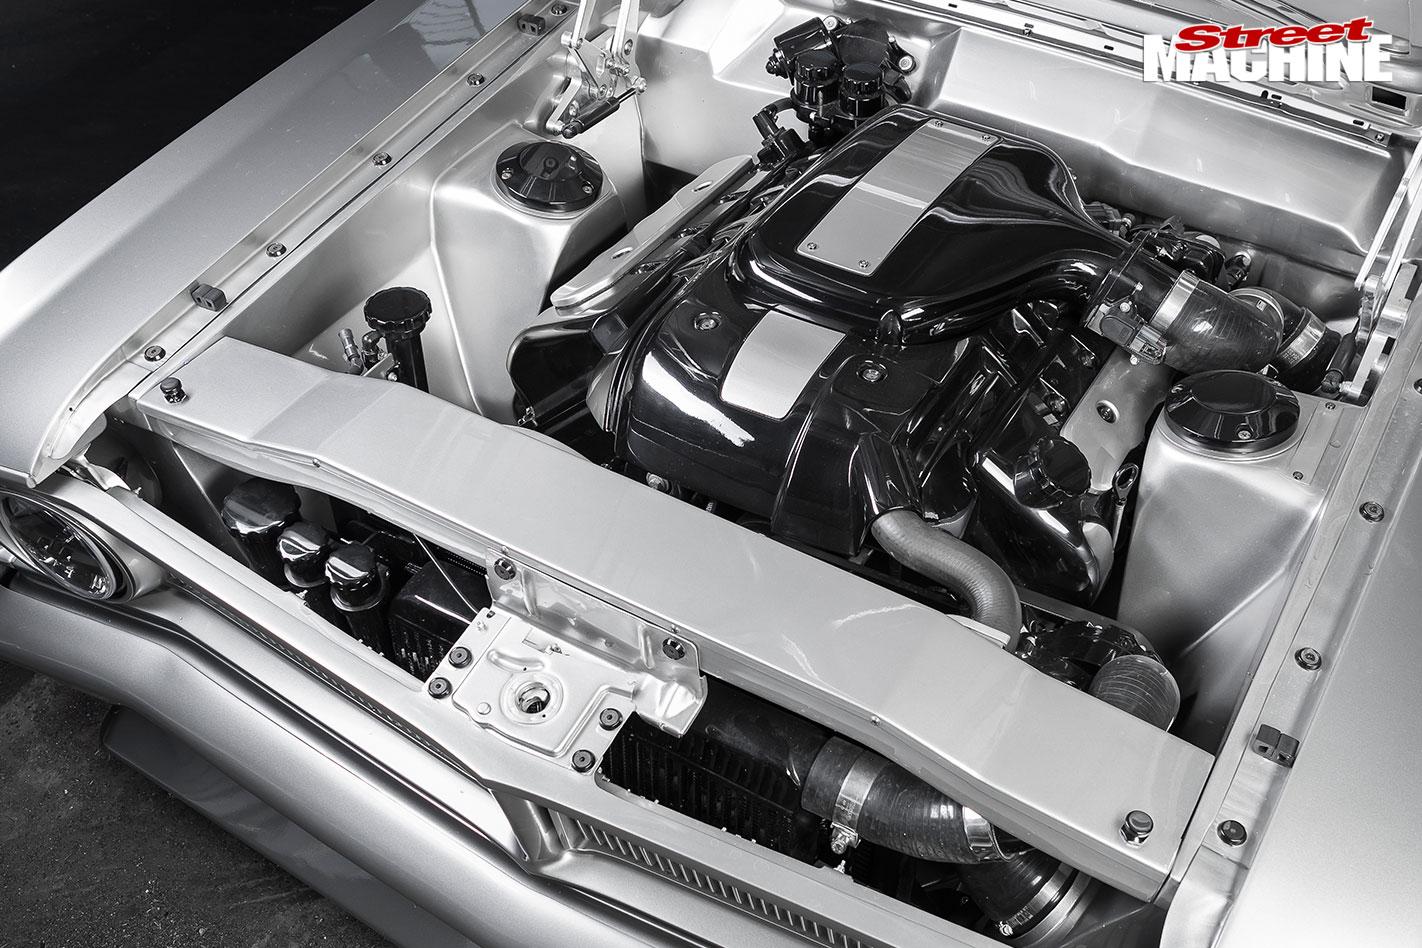 Ford XY Falcon engine bay